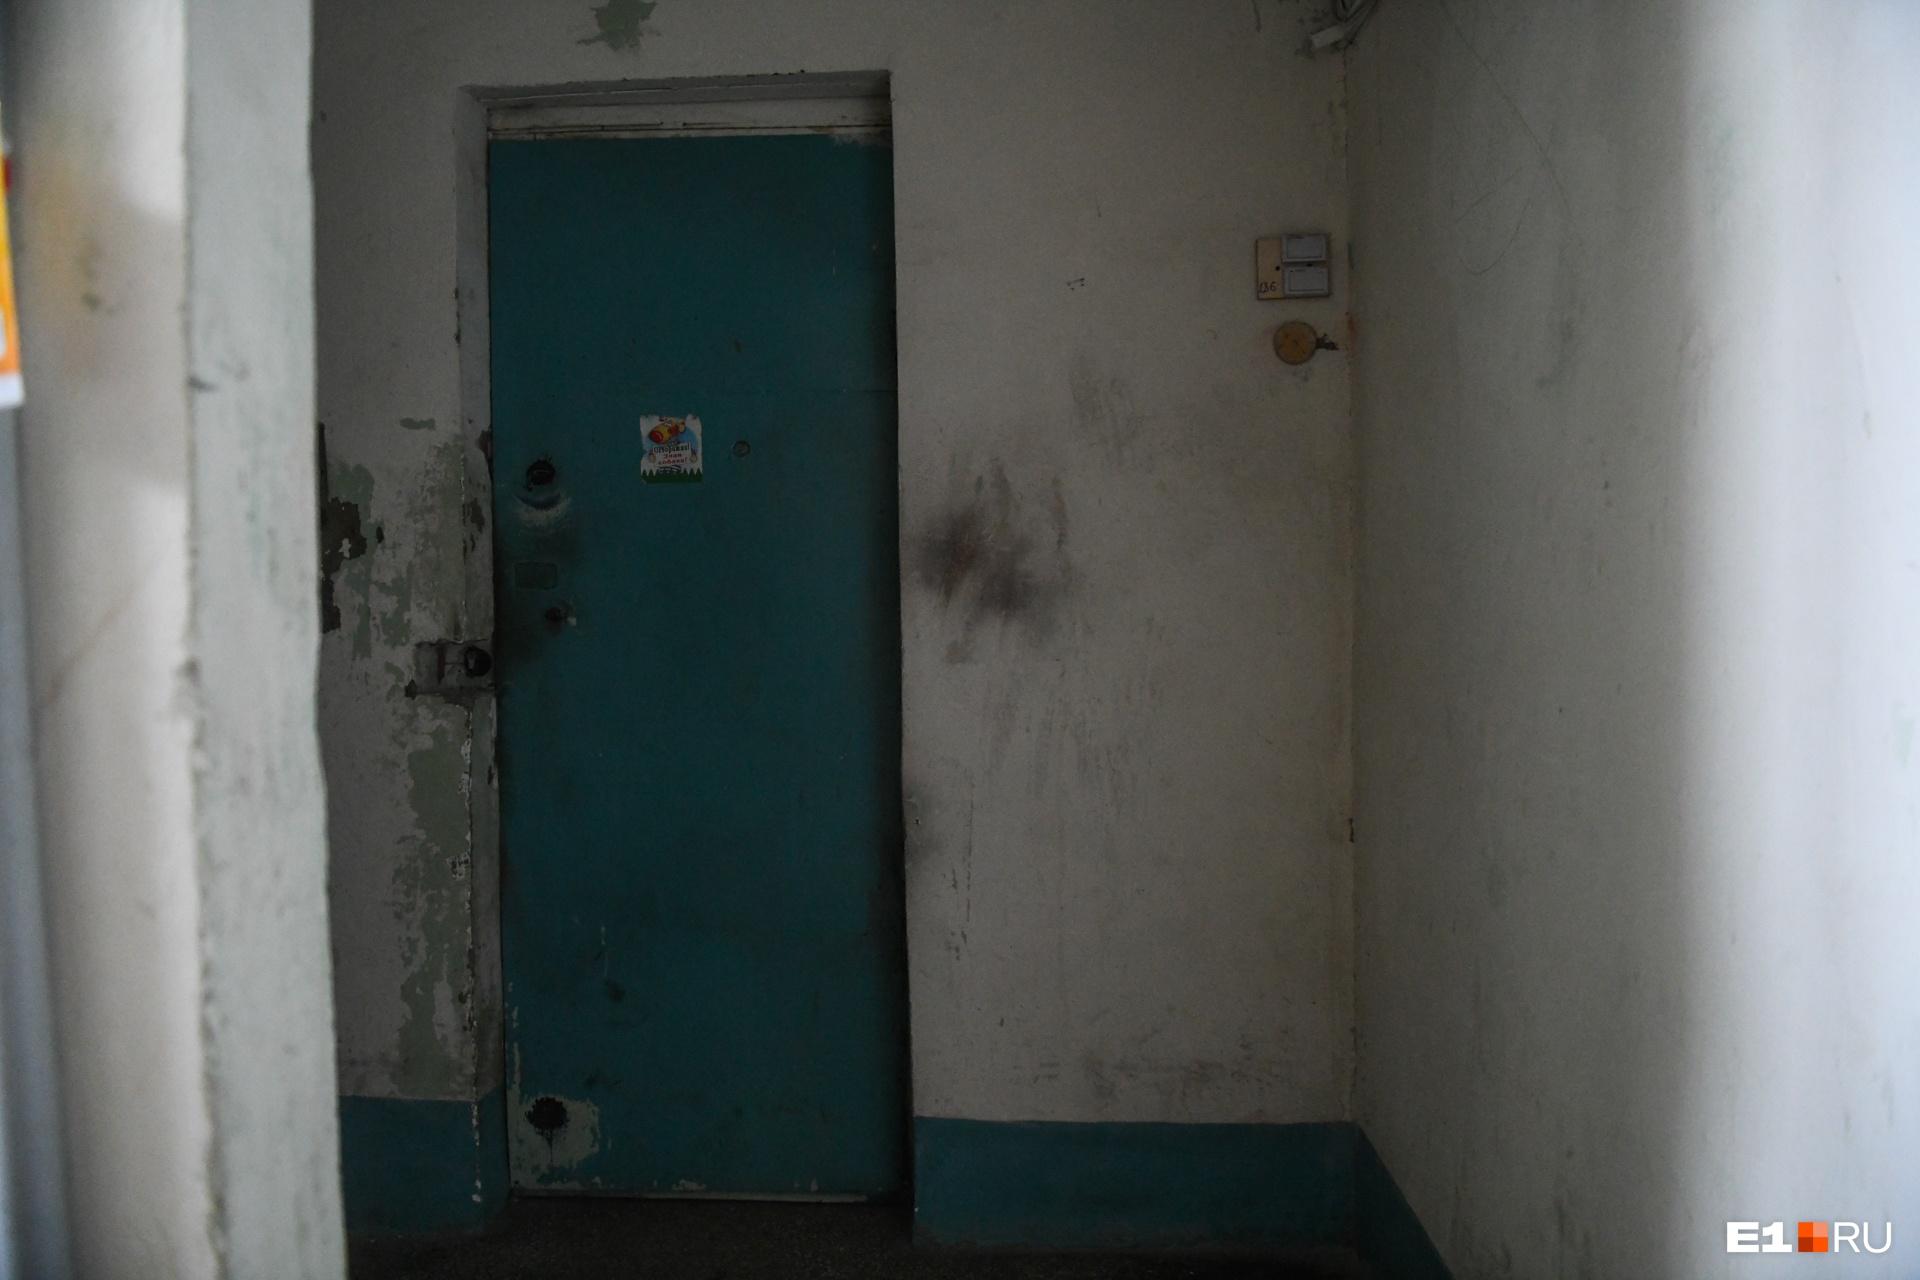 Квартира Глеба Березкина на ЖБИ, куда Владимир Васильев приехал на вечеринку